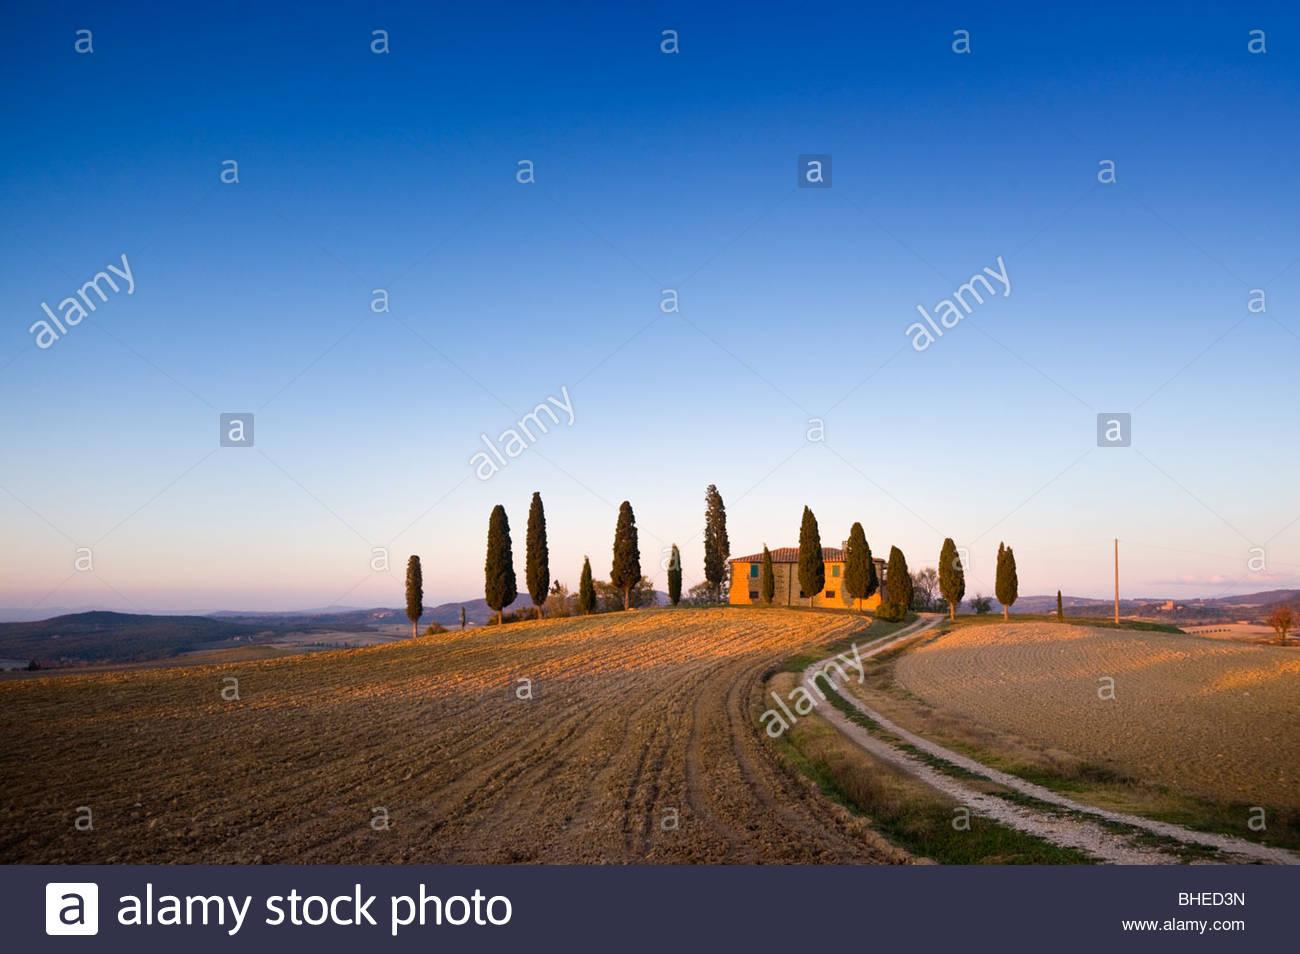 Farmhouse near Pienza, Val D'Orcia, Tuscany, Italy. - Stock Image